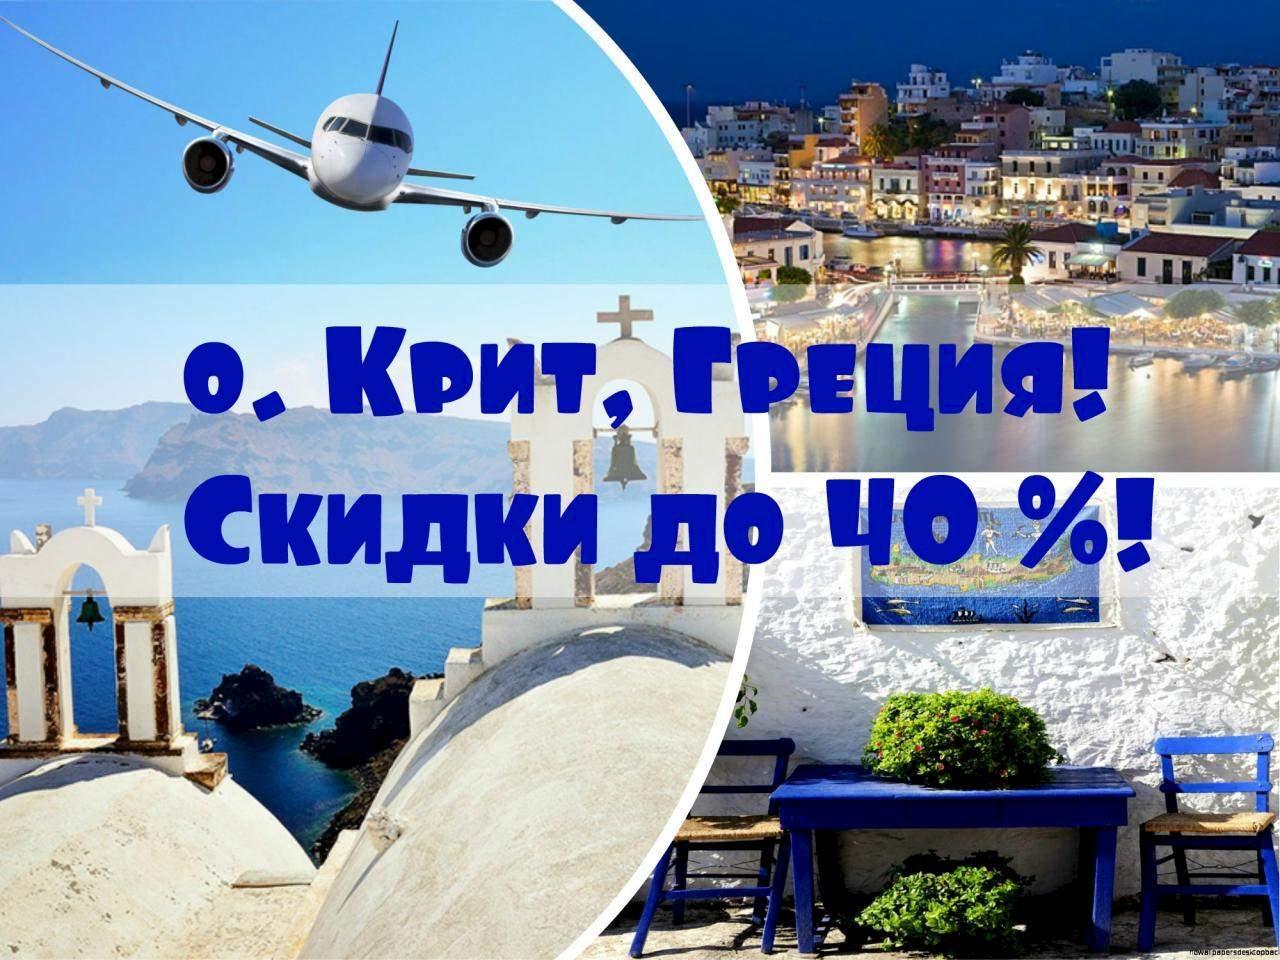 изделий изготавливается греция картинки красивые с надписью остаётся лишь посмеяться